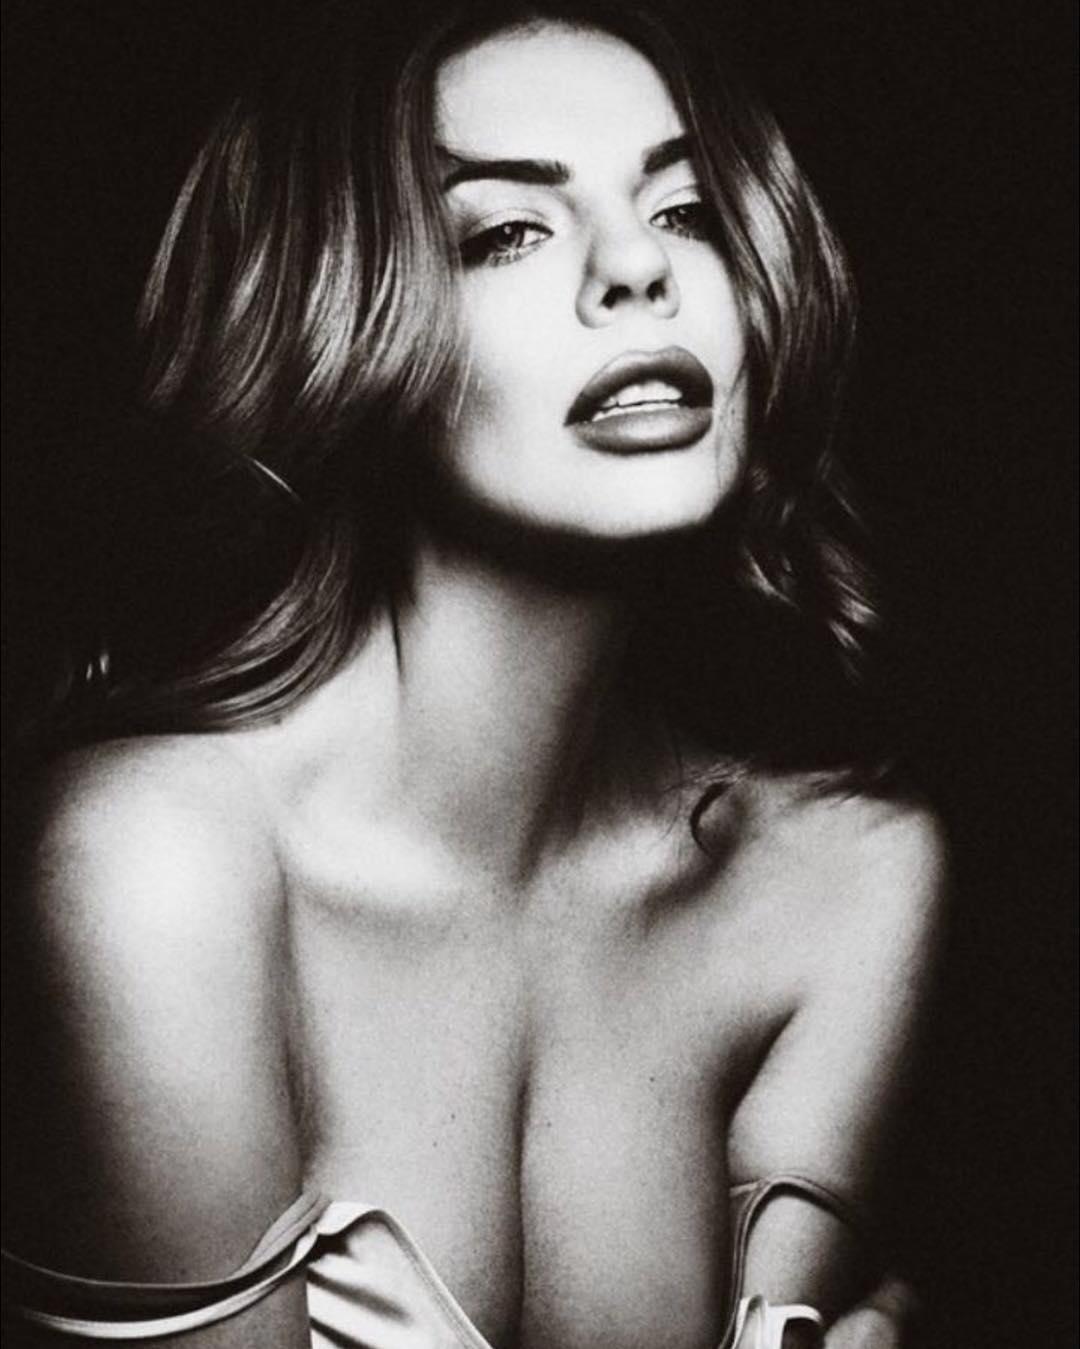 Анастасия Стоцкая: Женщина слабее всего, когда любит, и сильнее всего, когда любима.